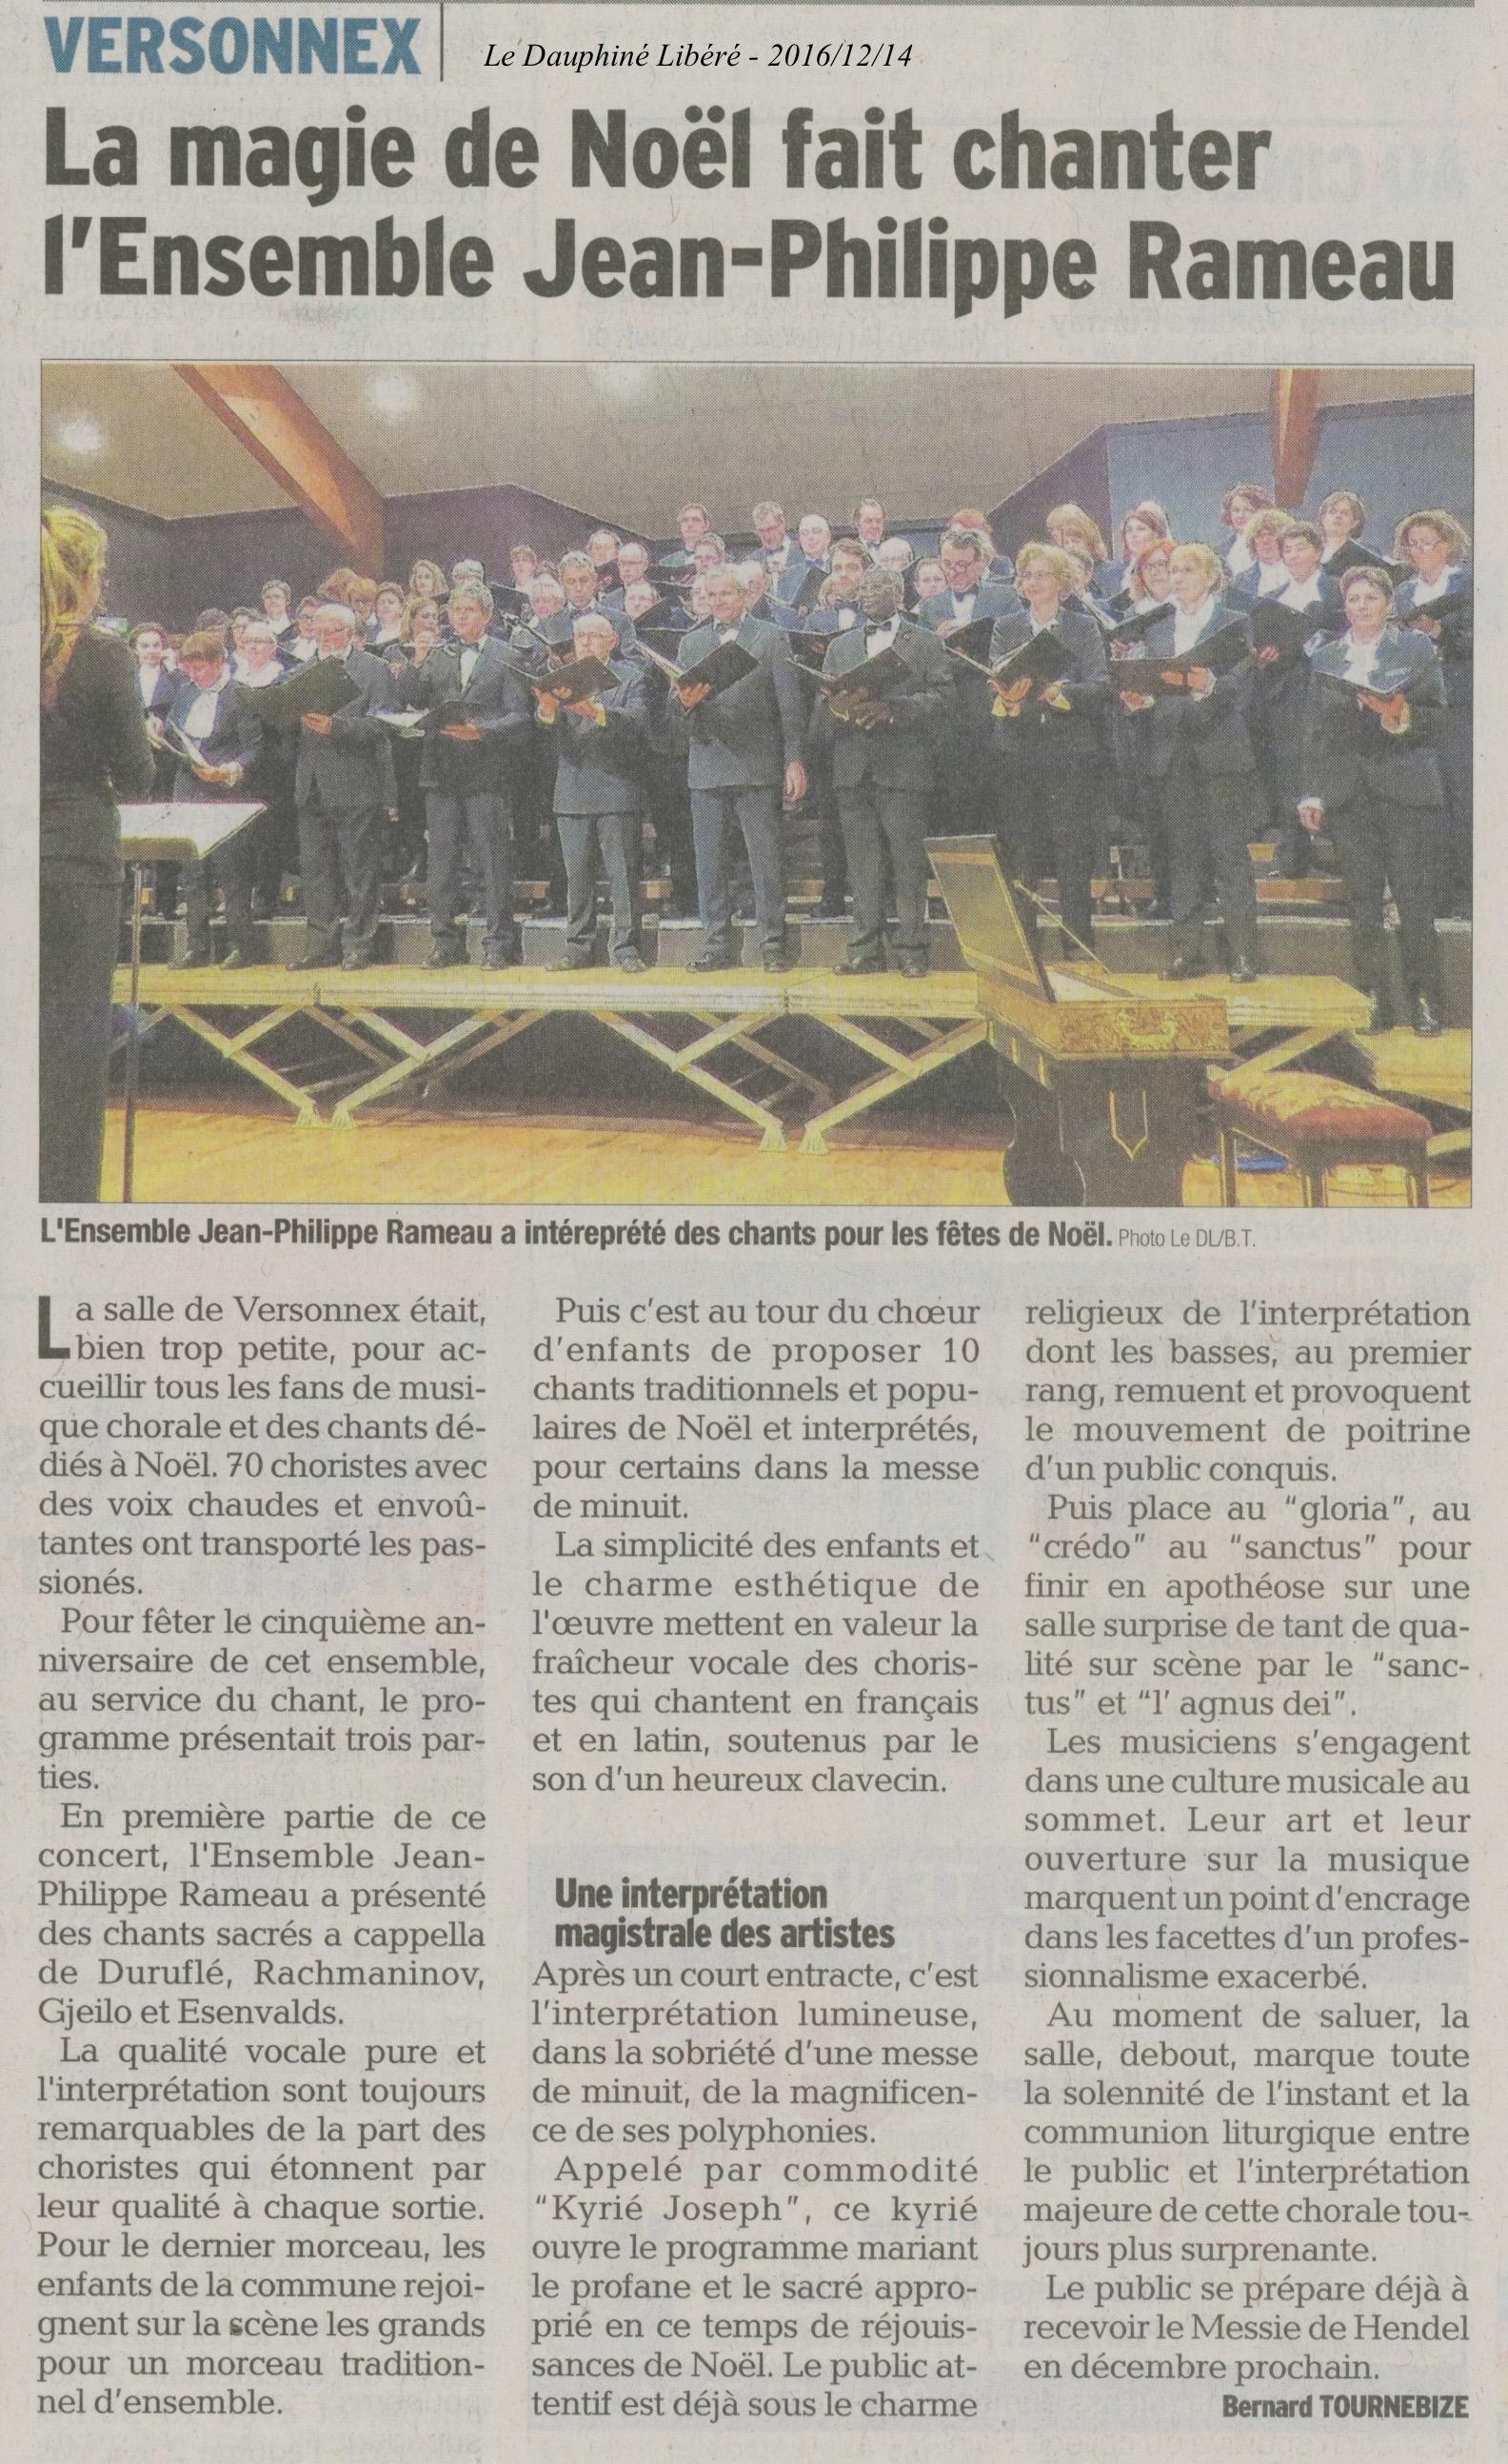 La magie de Noël fait chanter l'Ensemble JP Rameau